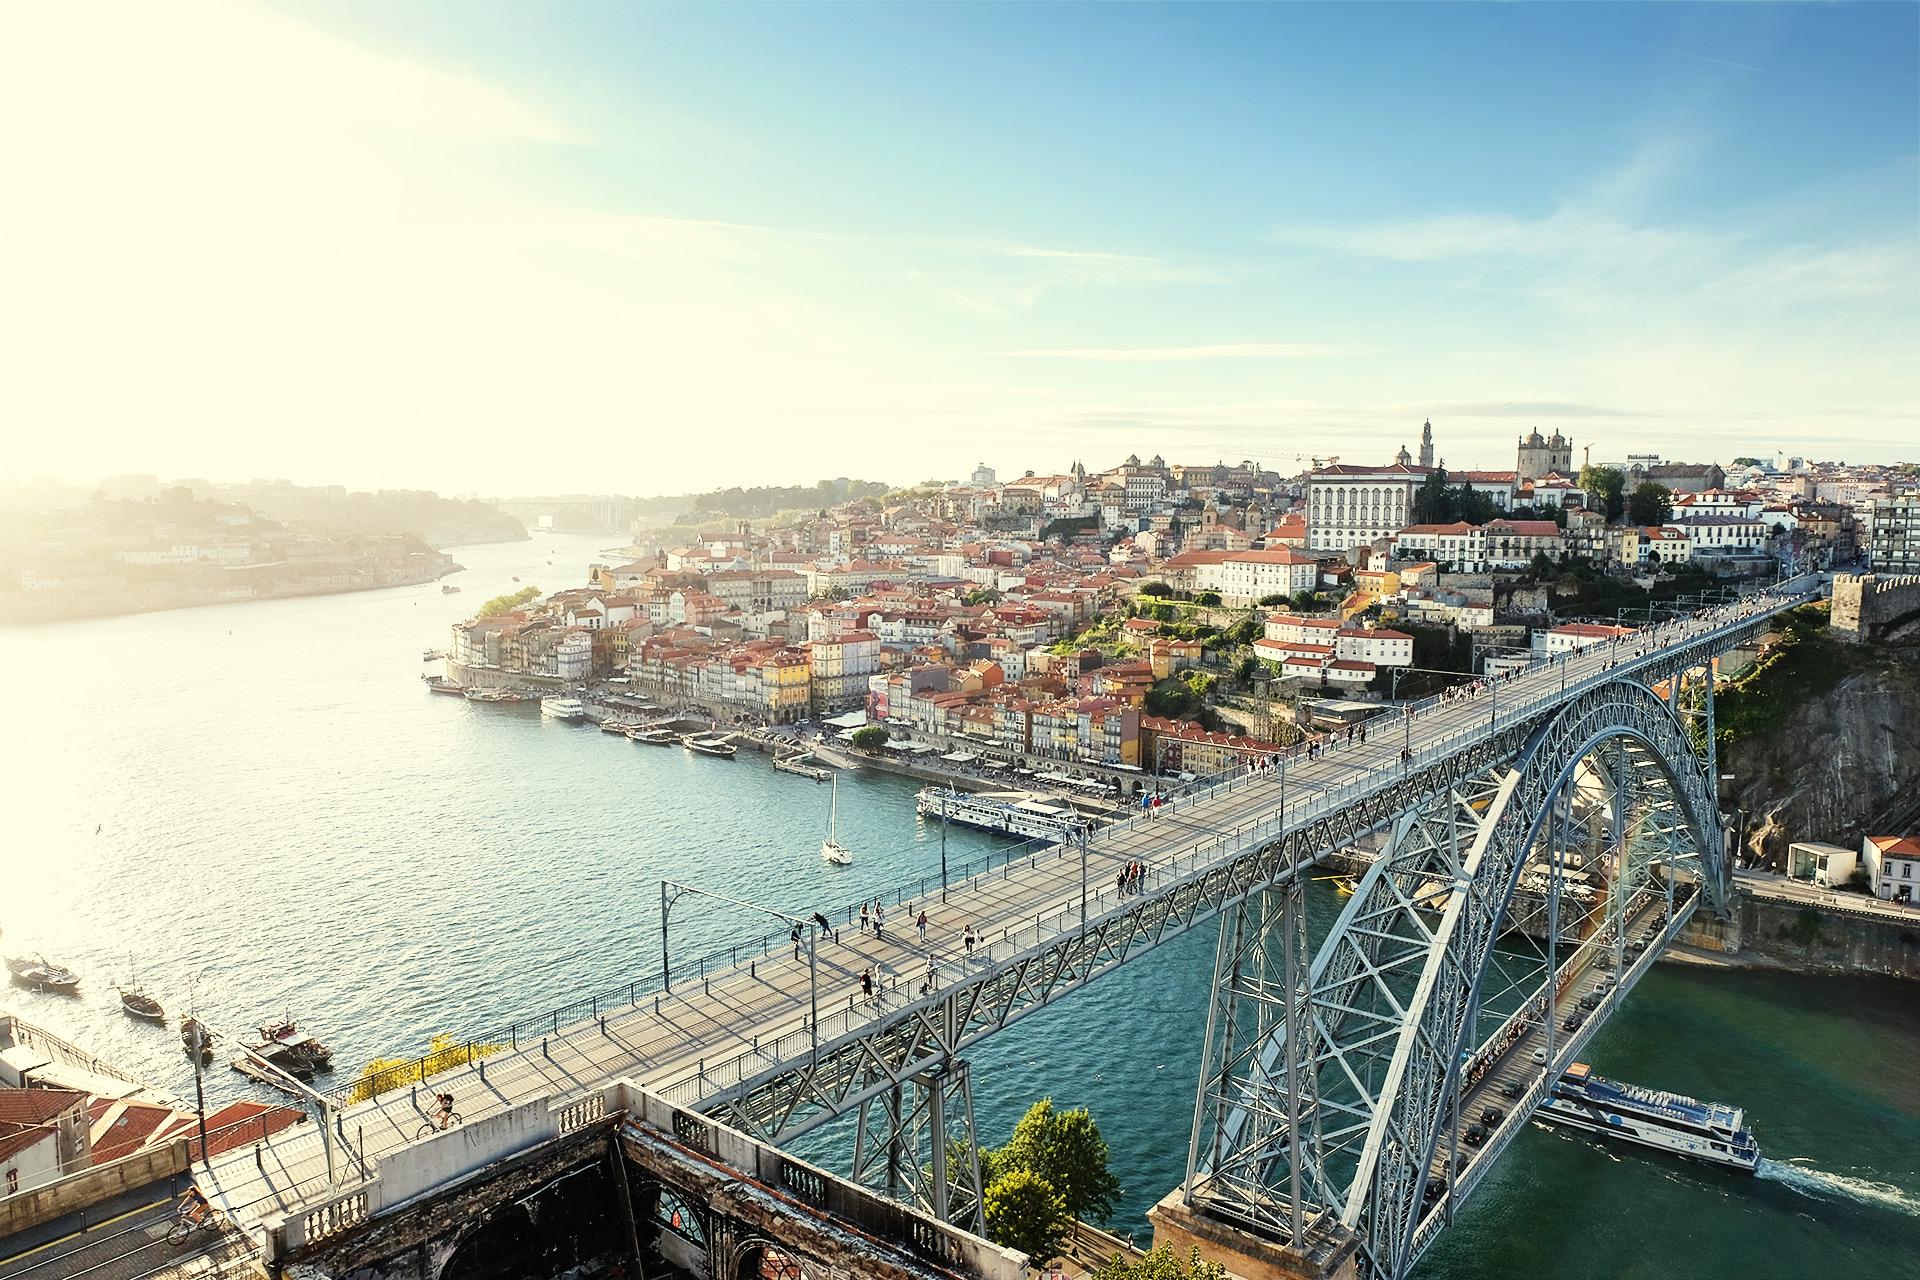 Porto #1 (Dom Luís I Bridge) / Travel Show the Original Portugal Porto Fujinon XF 16-55mm f/2.8 Fujifilm X-T2 [porto 1 f 1]